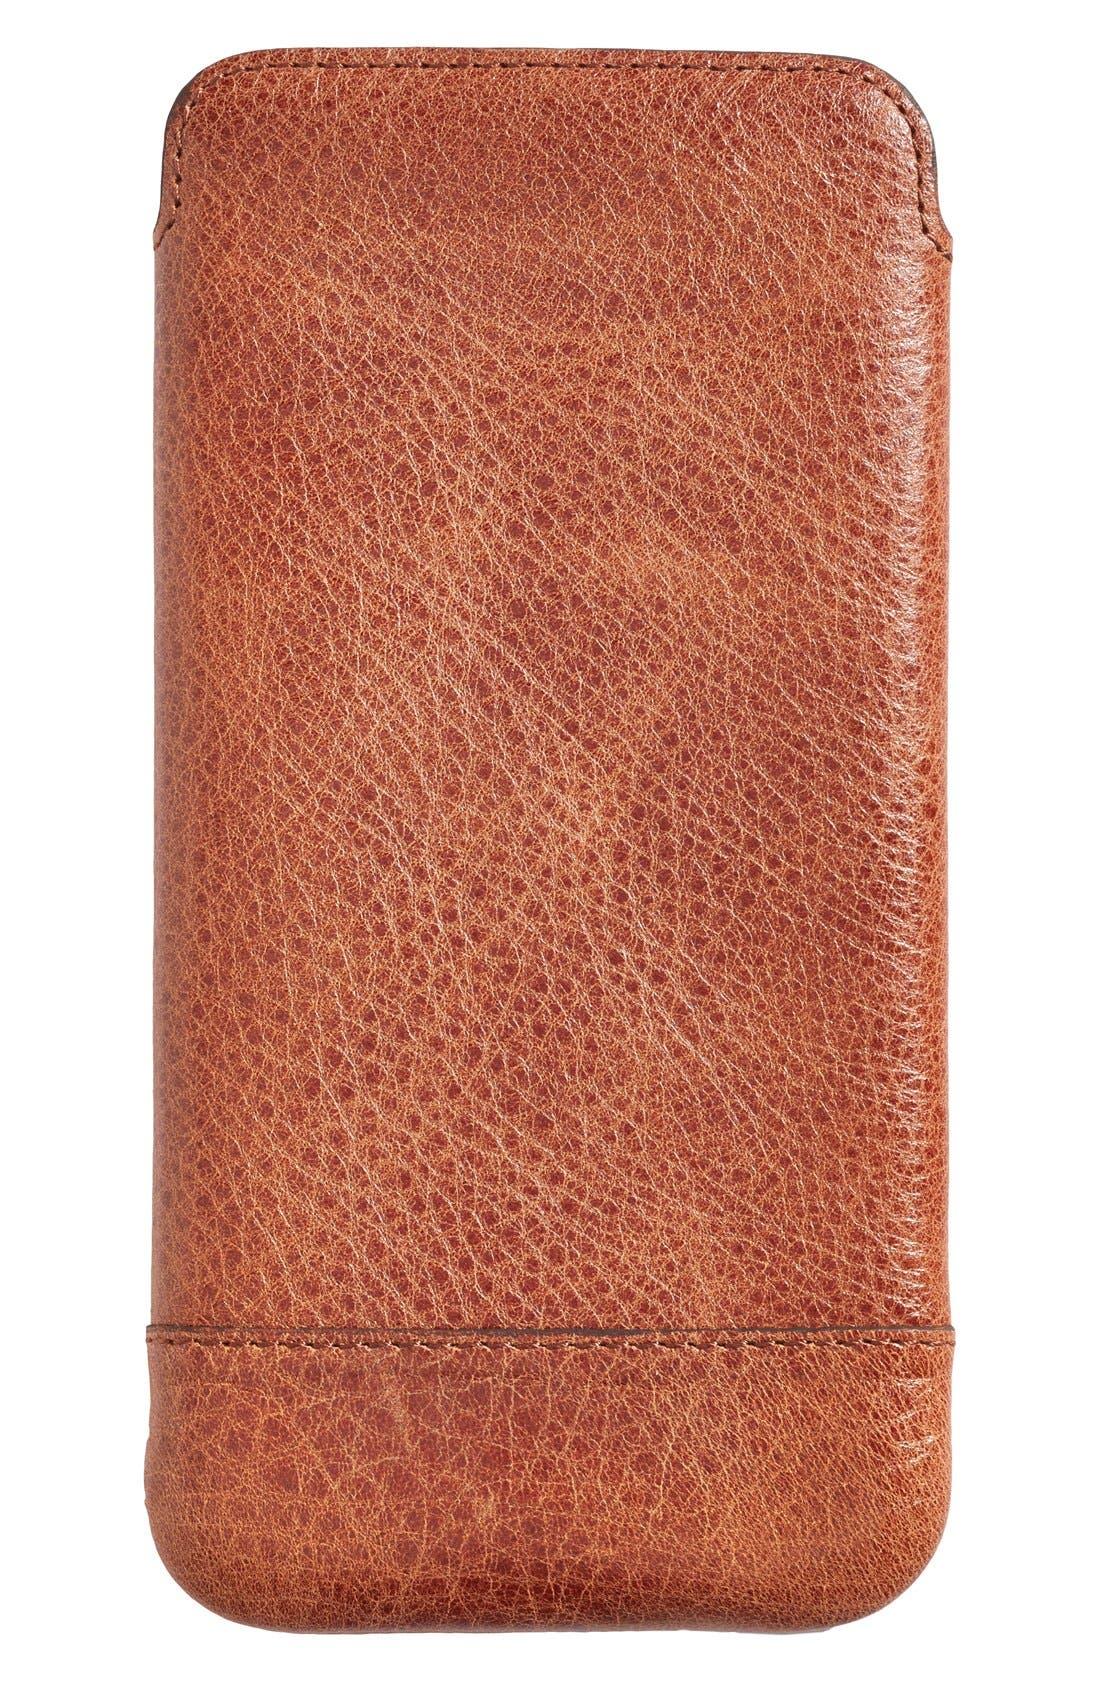 Heritage - Ultra Slim Leather iPhone 6 Plus/6s Plus Pouch,                             Alternate thumbnail 2, color,                             Cognac